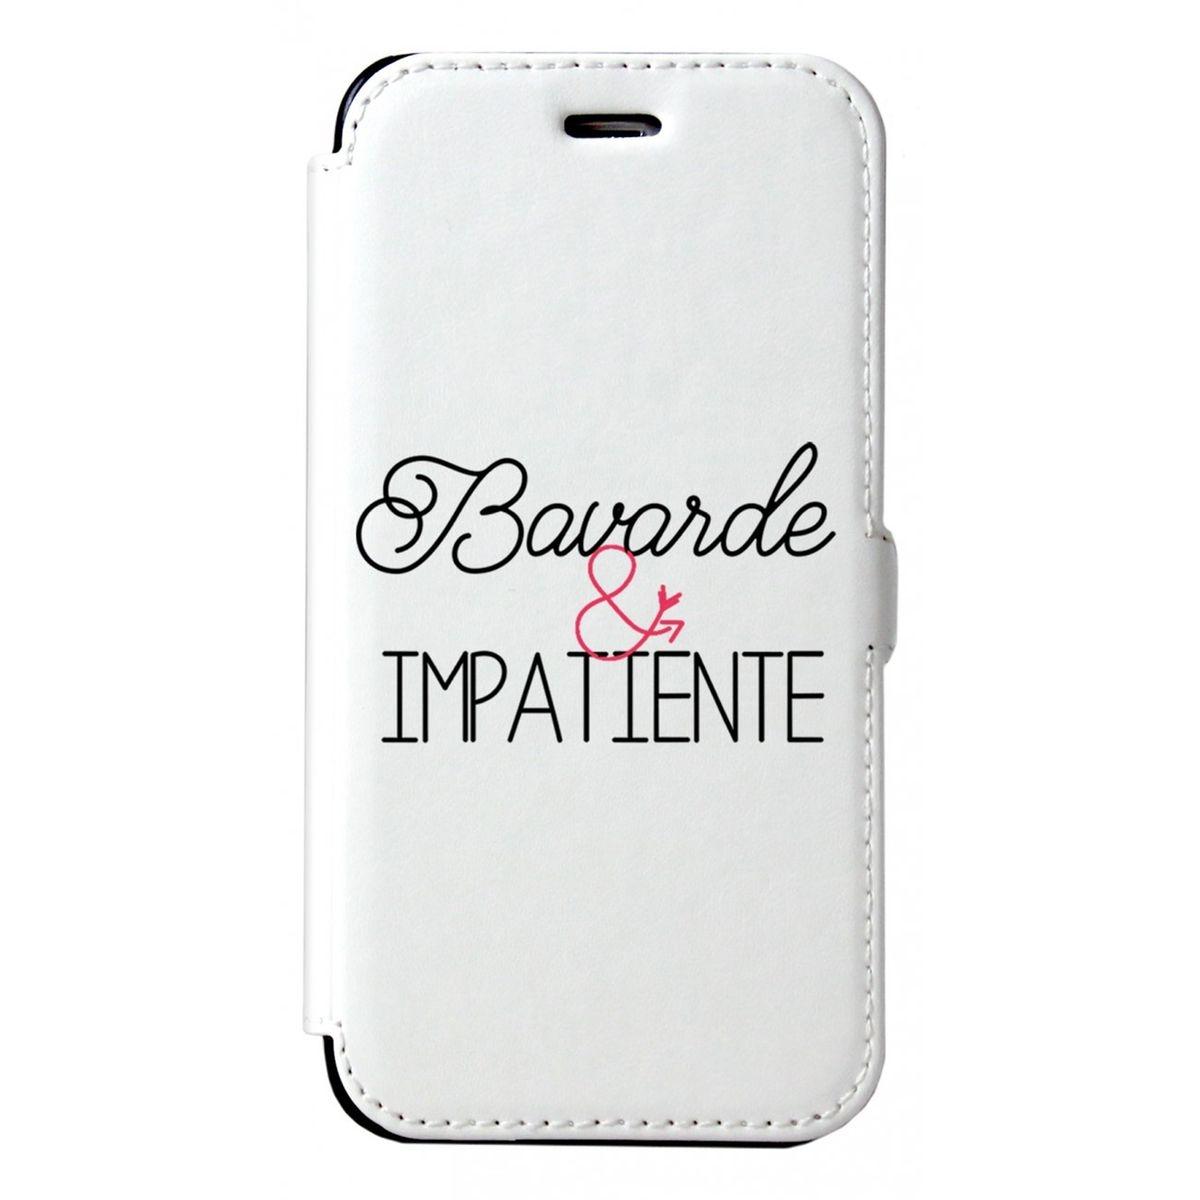 Etui iPhone 6 iPhone 6S rigide blanc, Bavarde et impatiente, La Coque Francaise®